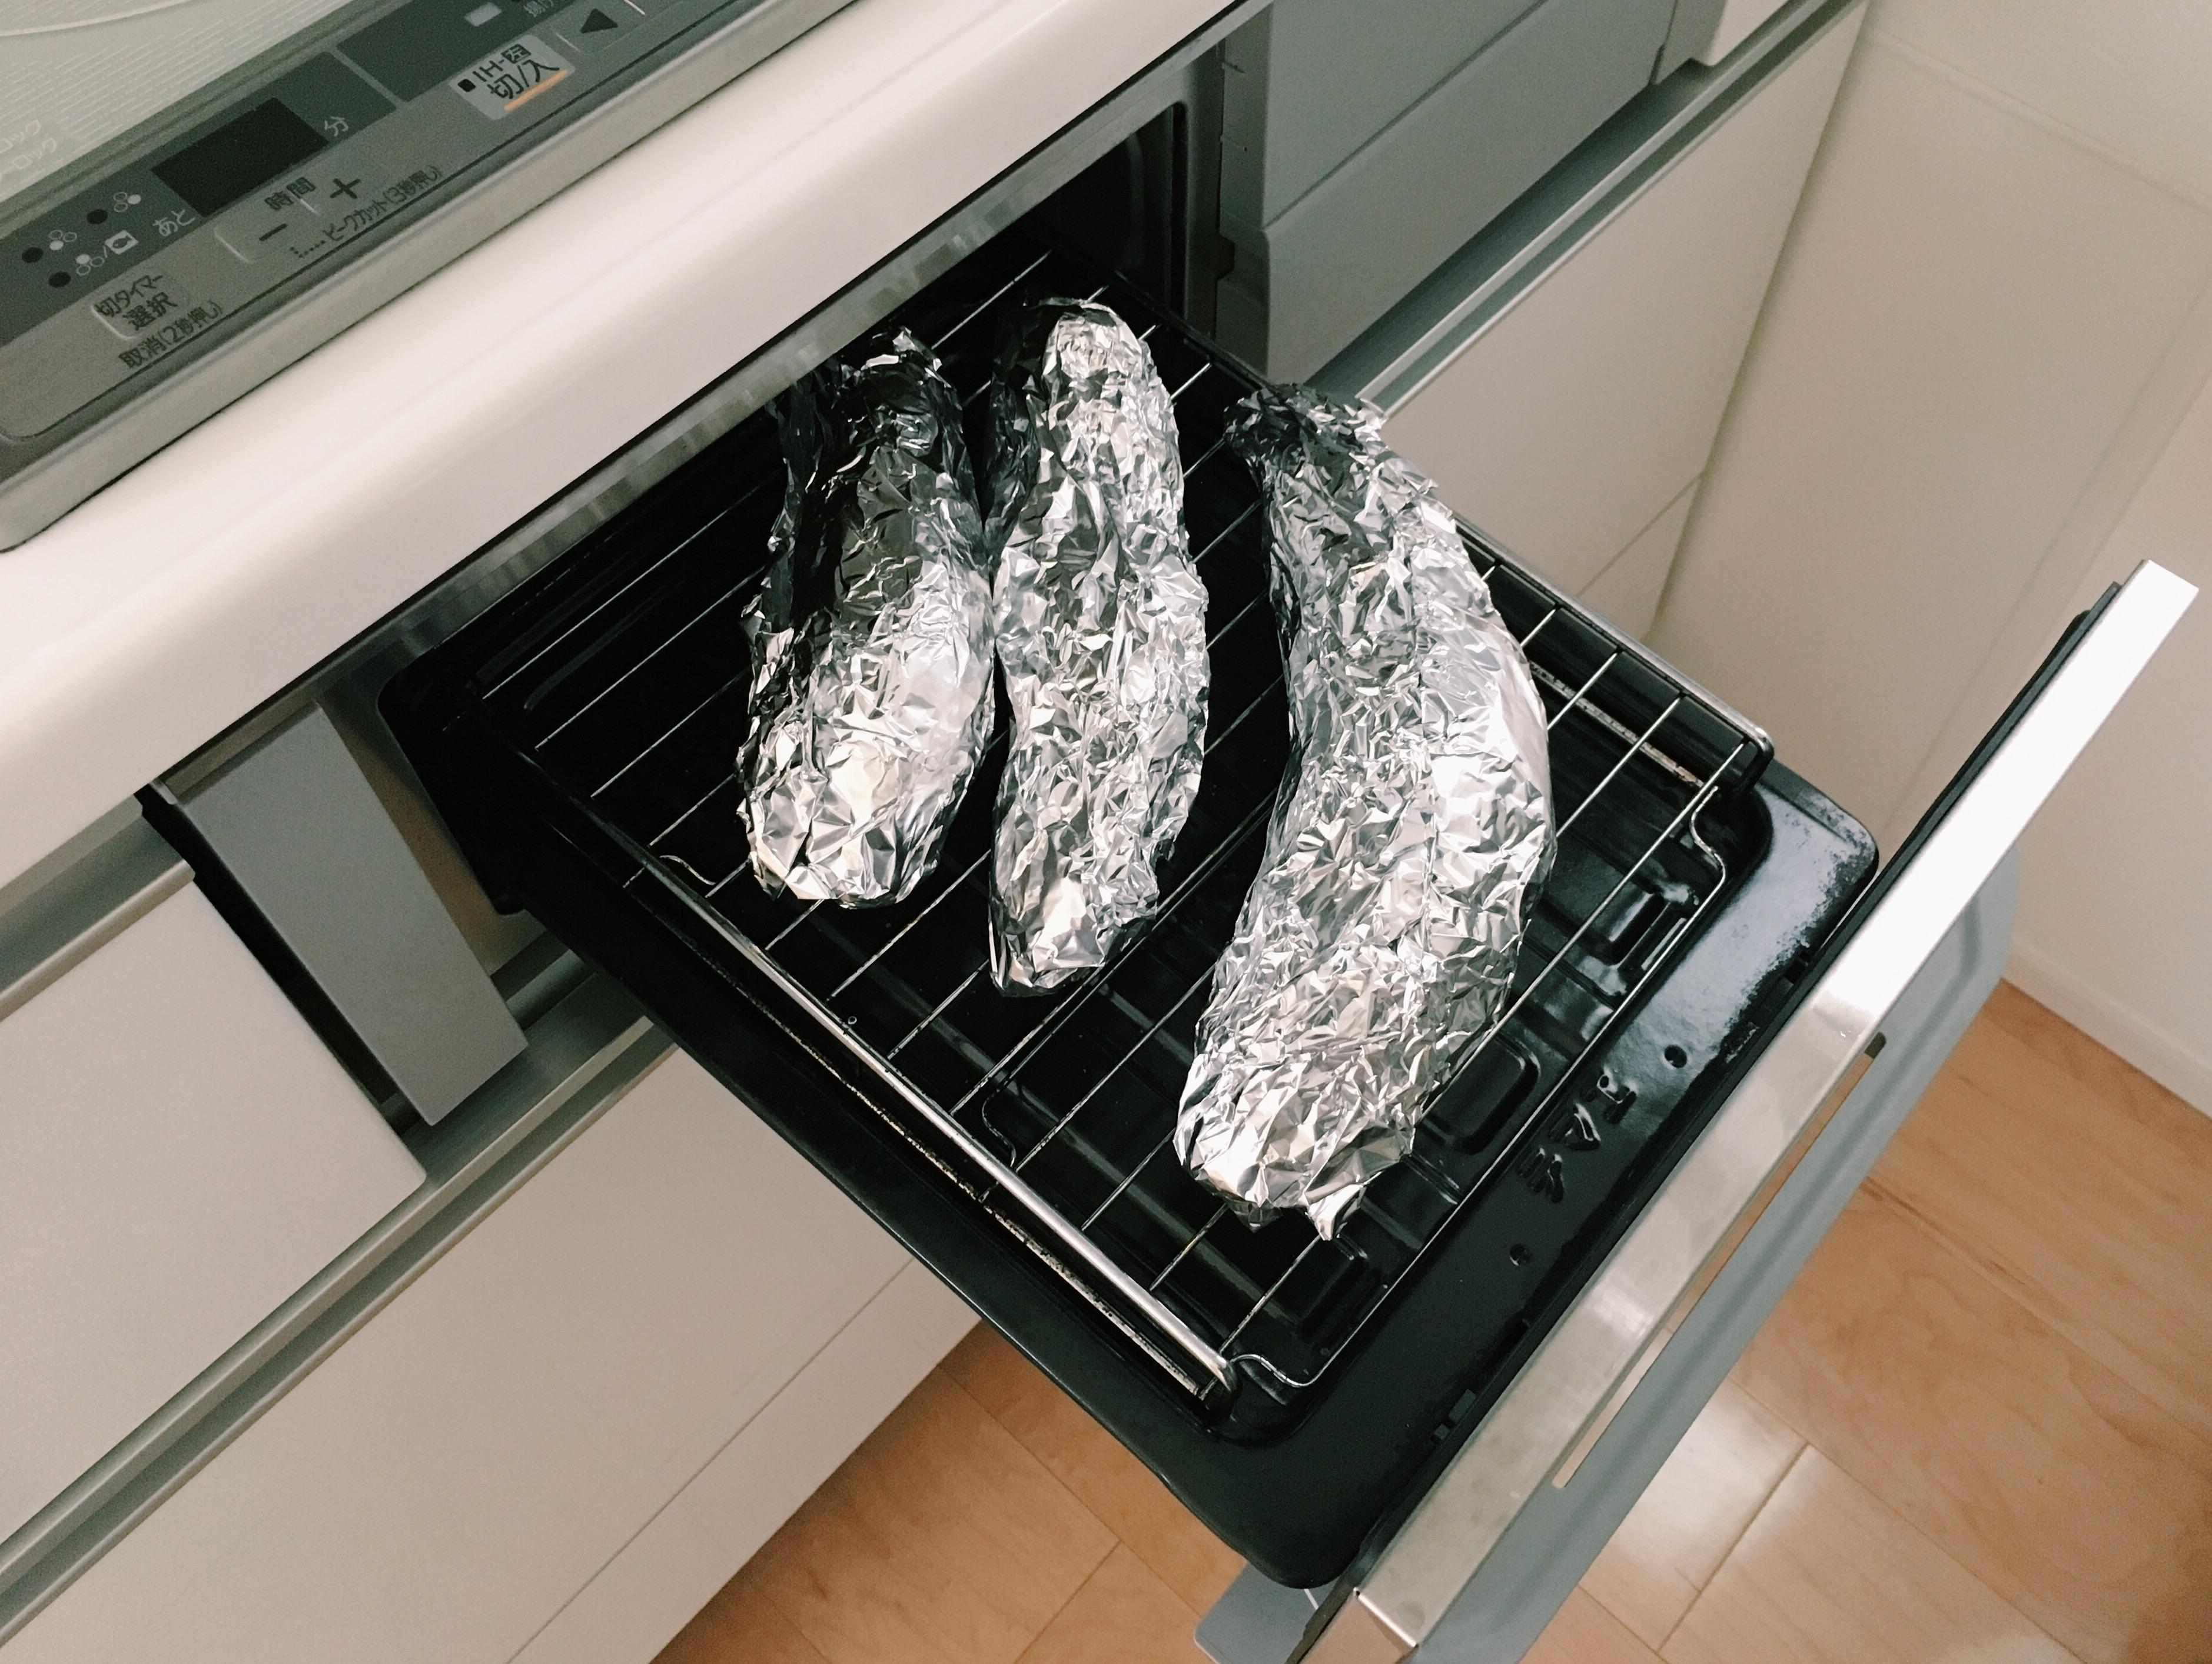 【魚焼きグリルで焼き芋】魚焼きグリルやトースターで、焼き芋を焼く方法。しっとり美味しく、魚臭さなし